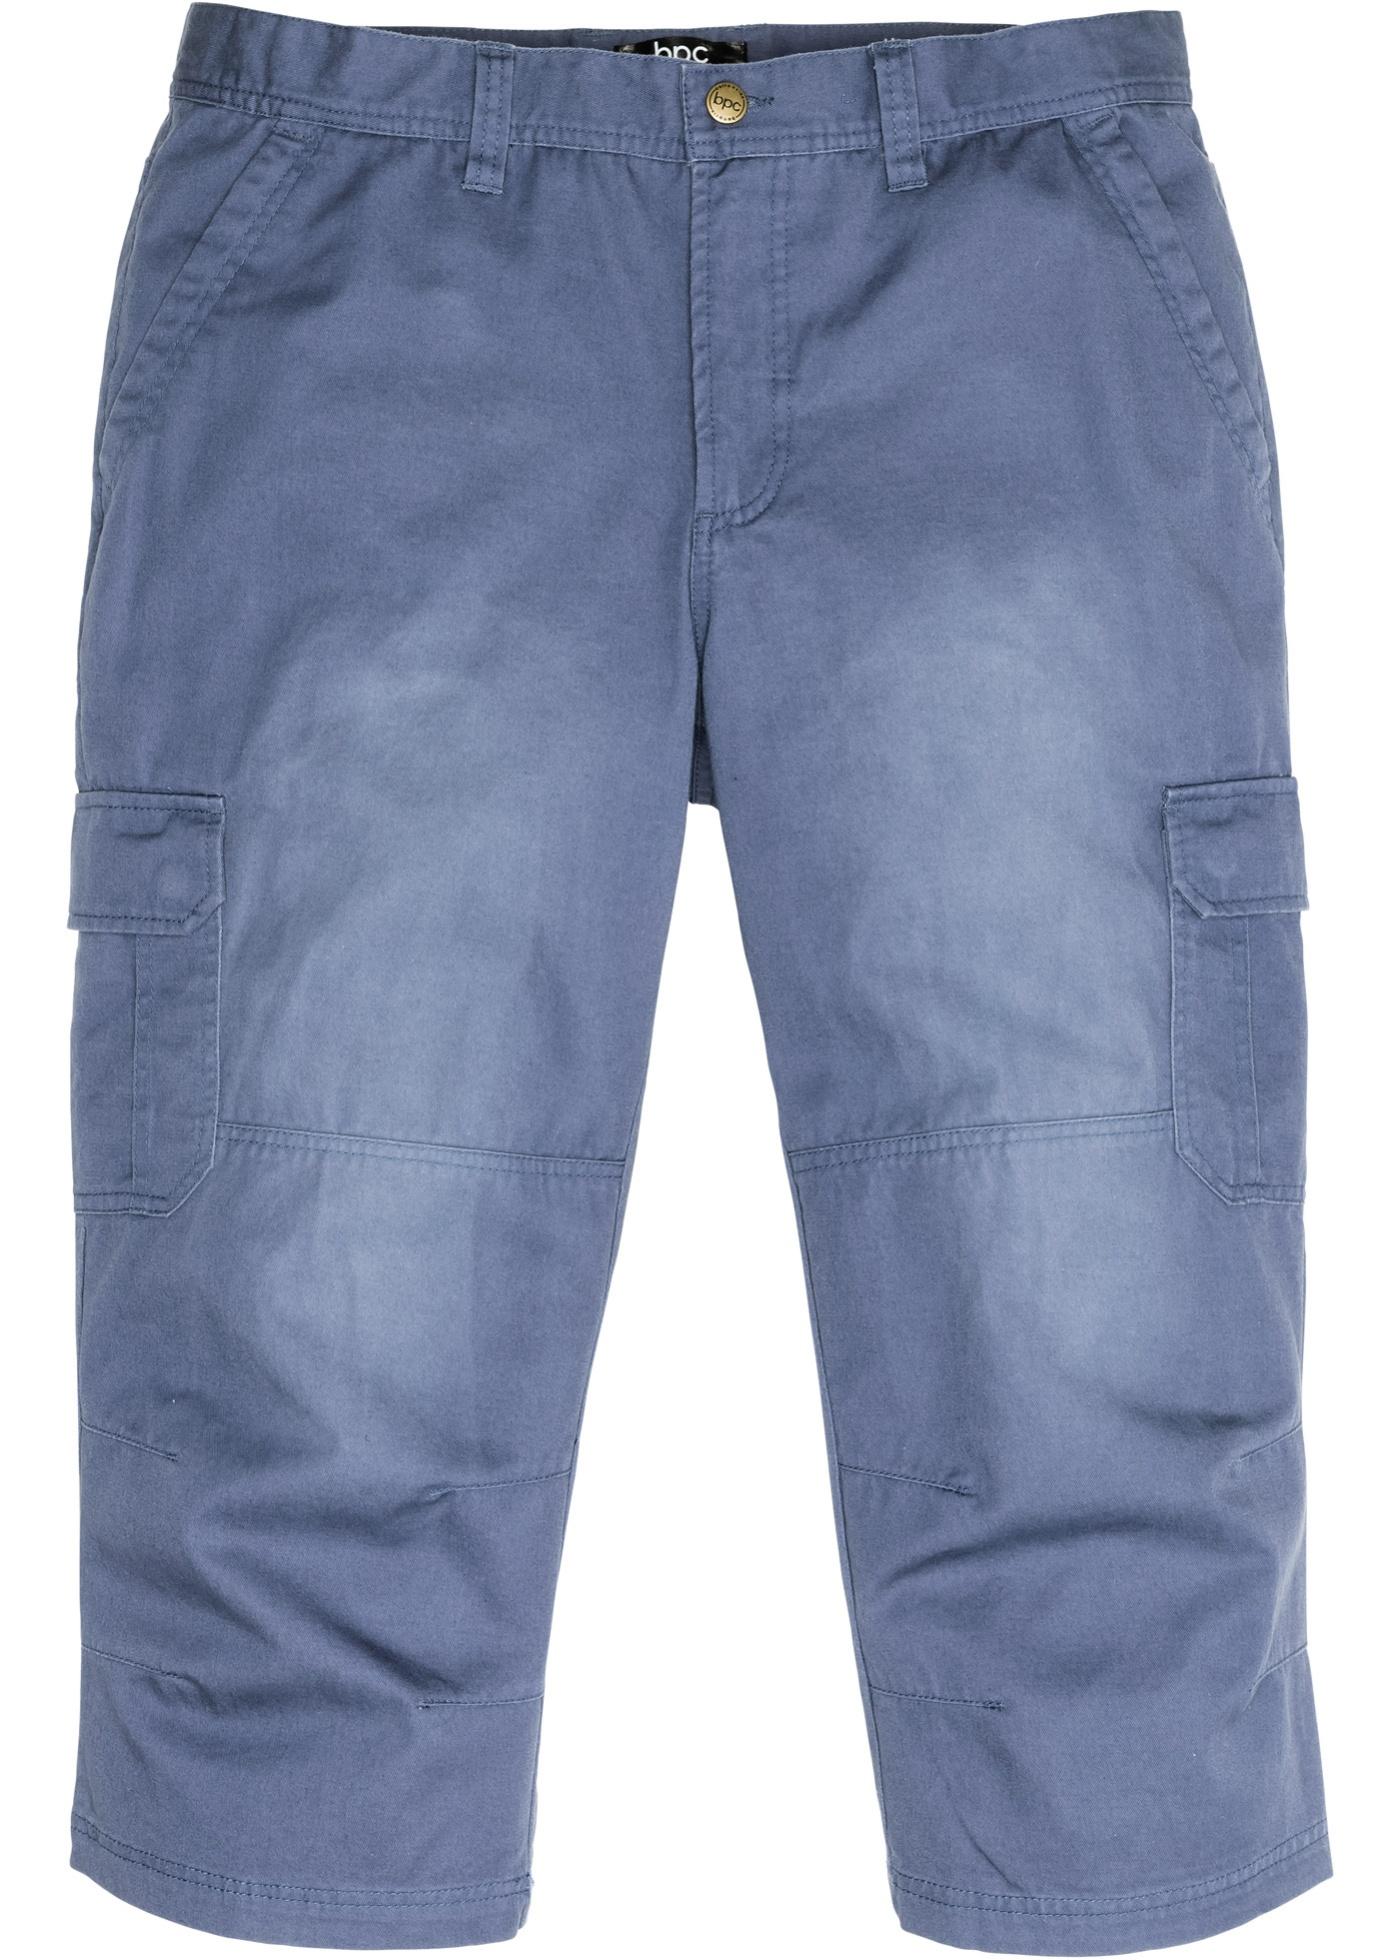 3/4 kargo kalhoty - Modrá